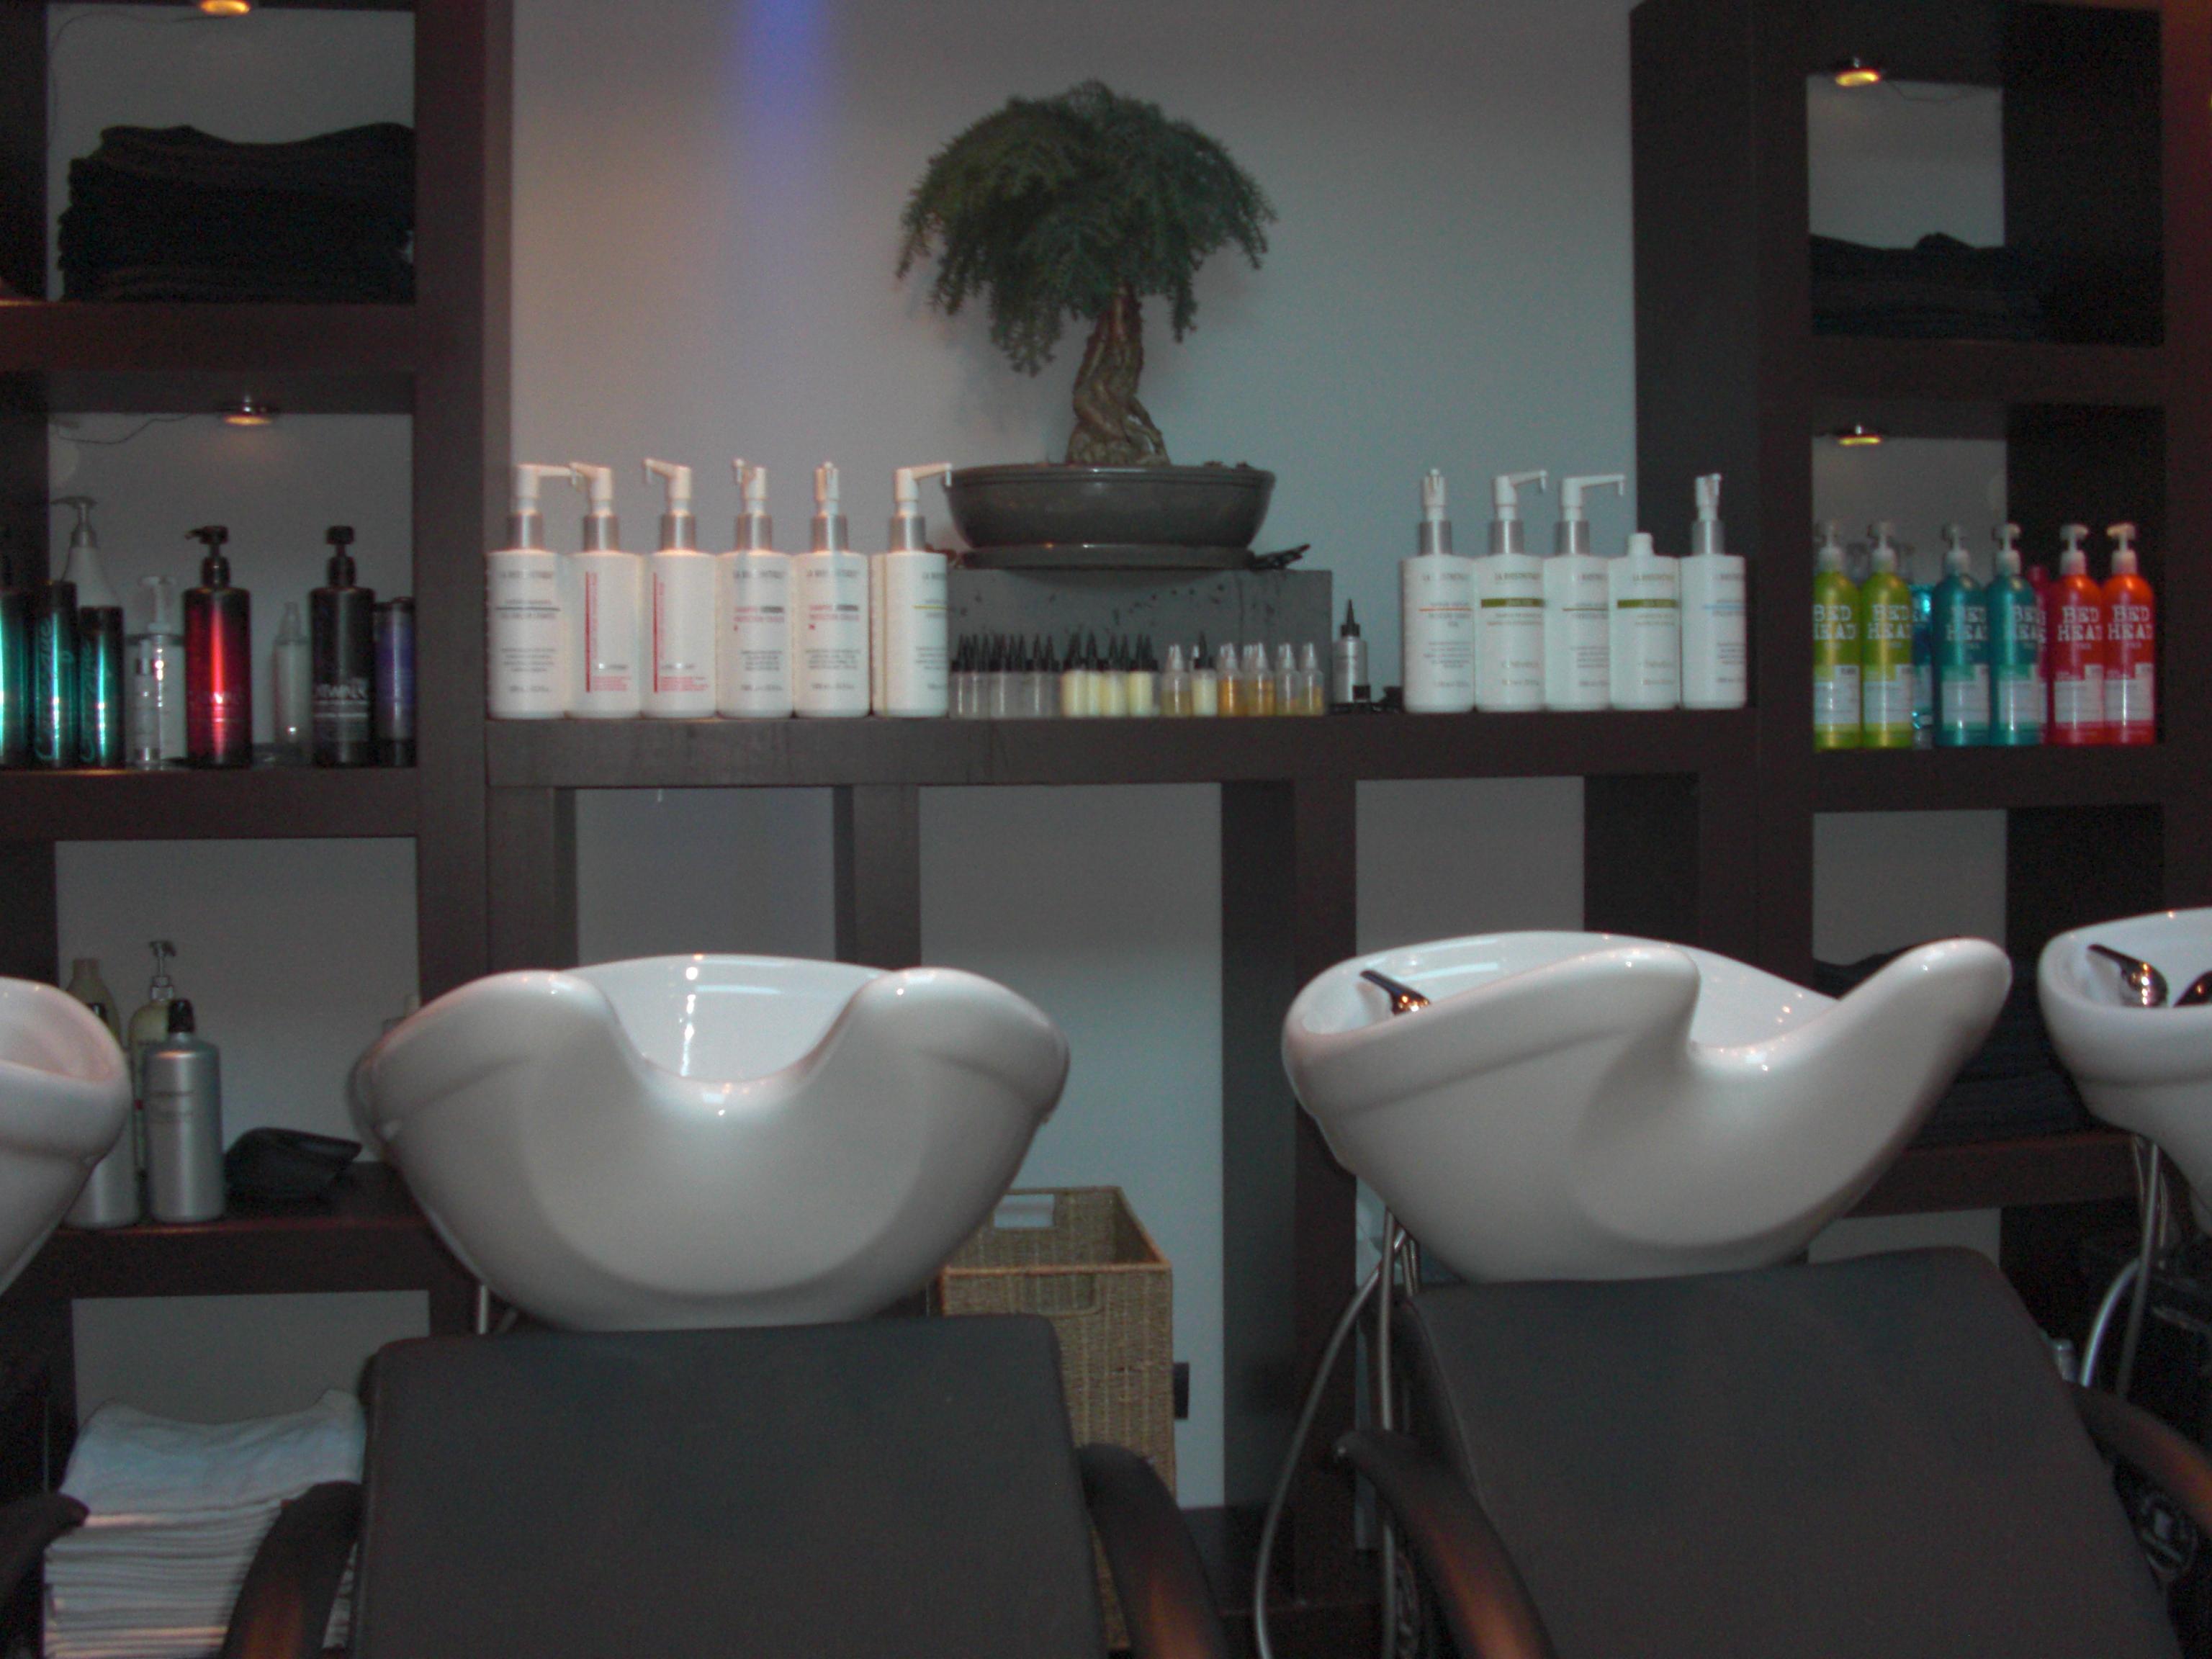 le salon coiffeur coloriste soissons - Coiffeur Coloriste